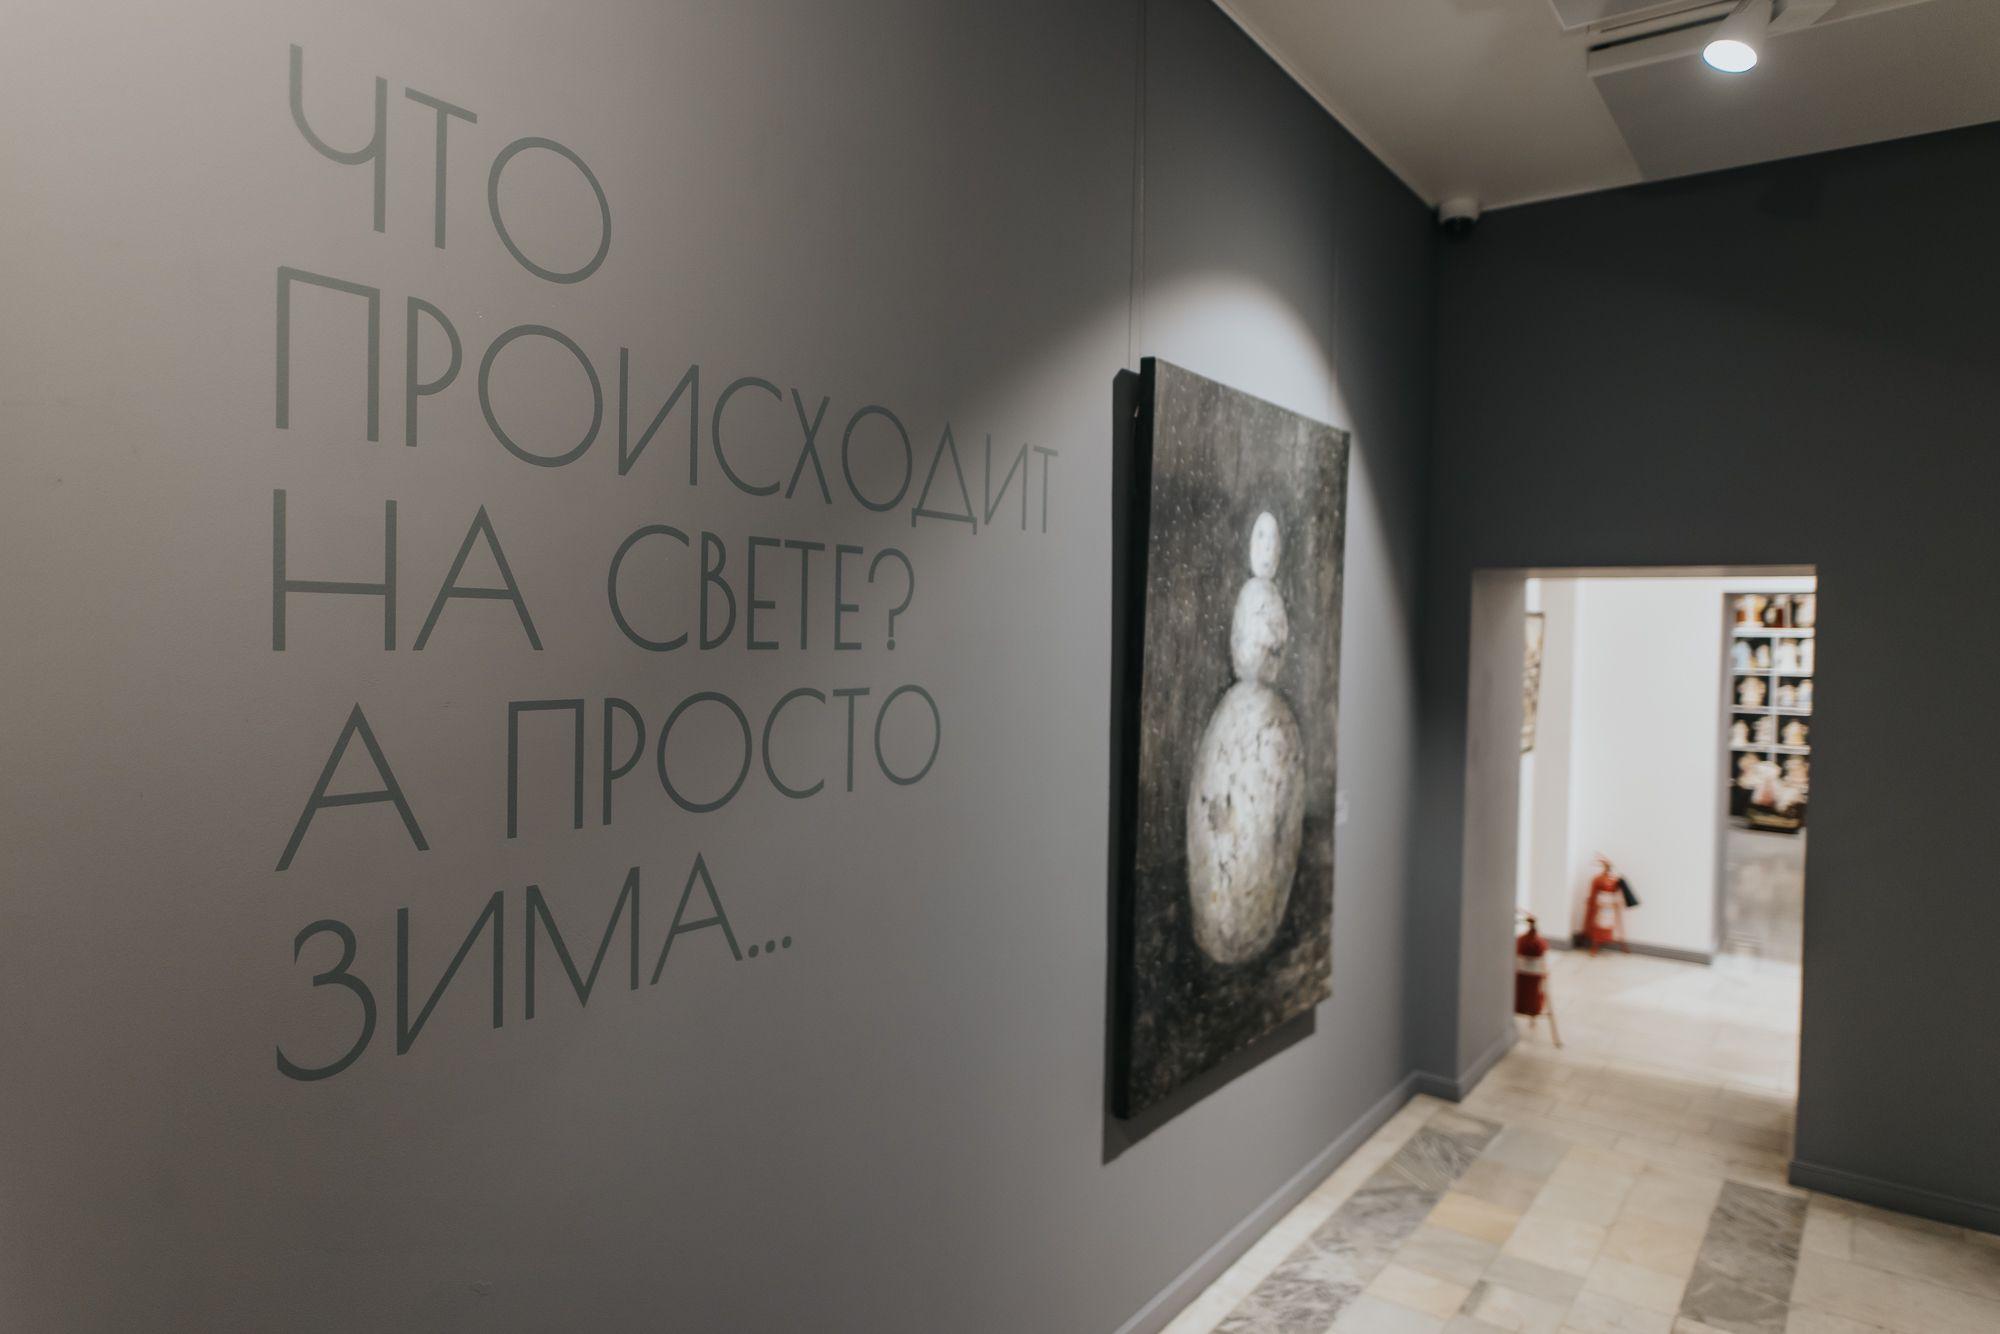 Выставка-продажа «Что происходит на свете? А просто зима» фото 6